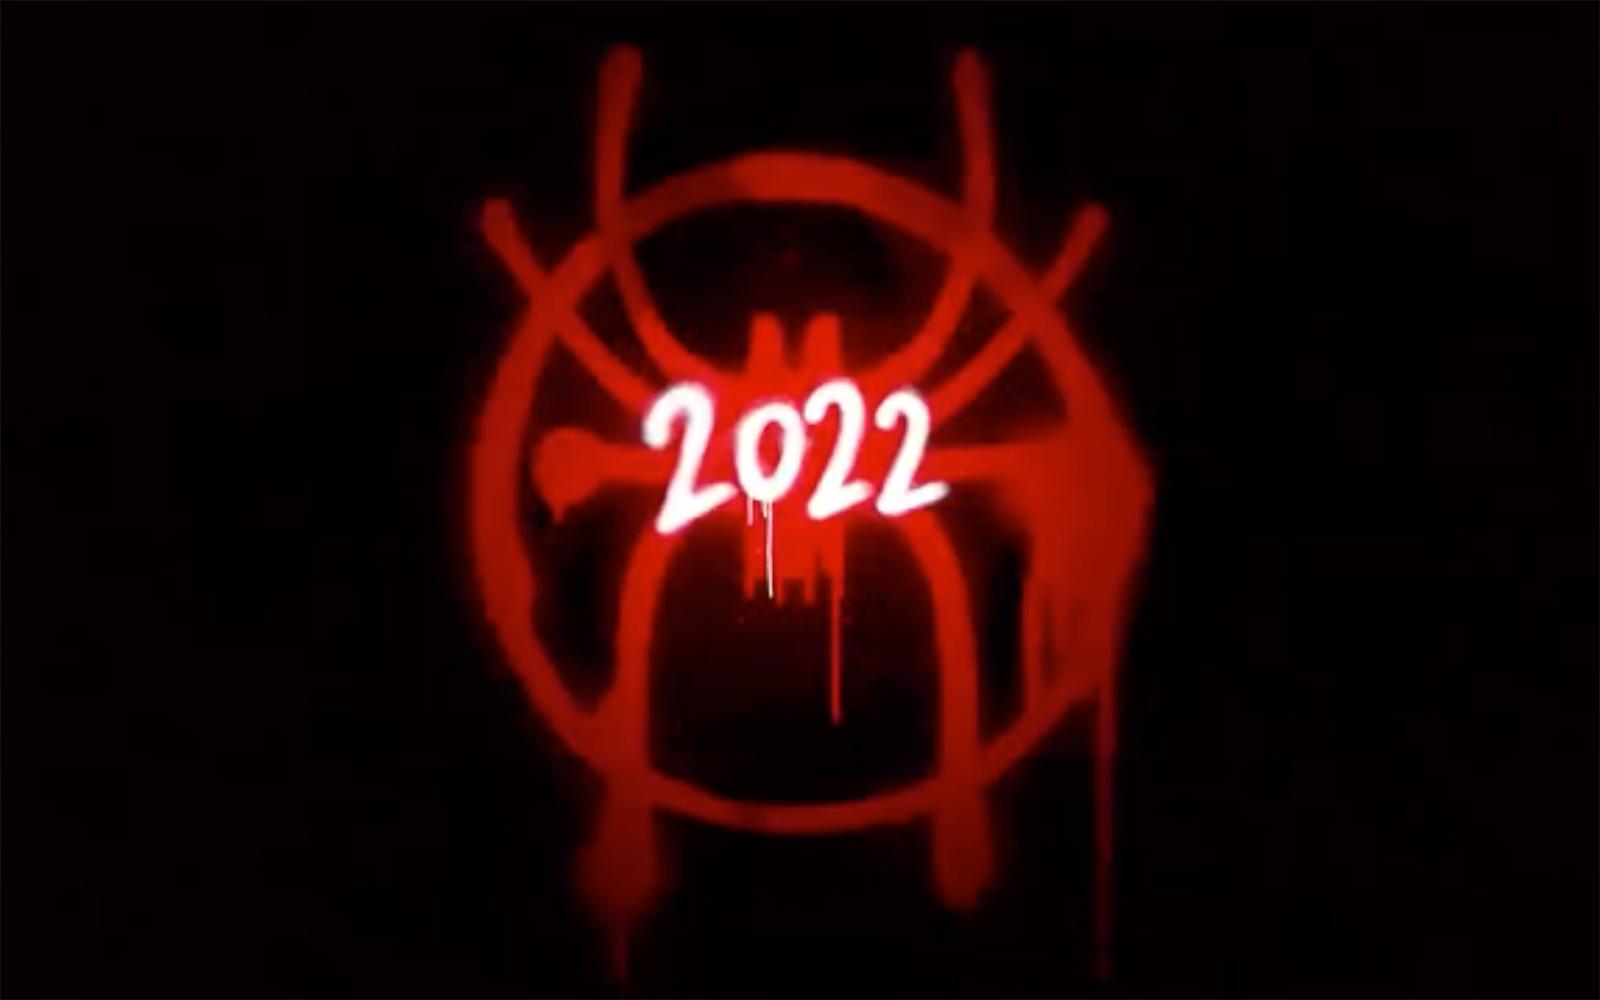 Spider-Verse 2, 2022